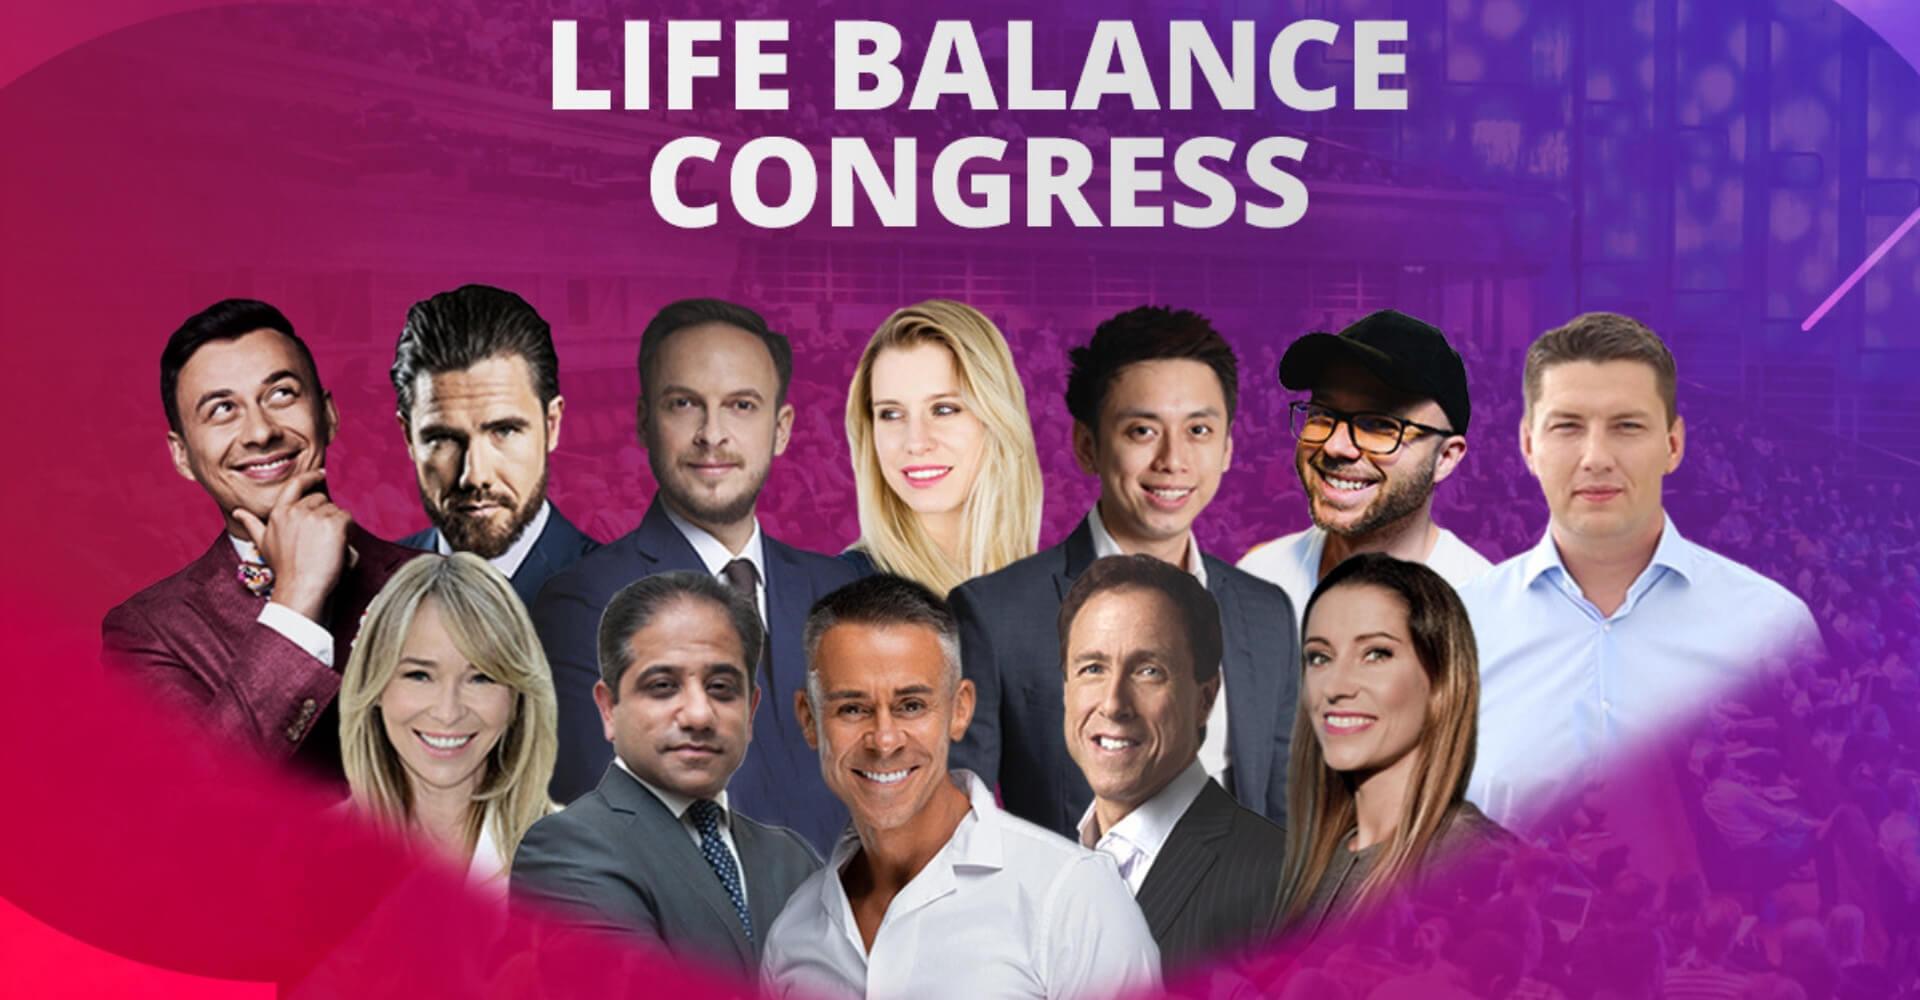 Kamil Sikora i Life Balance Congress